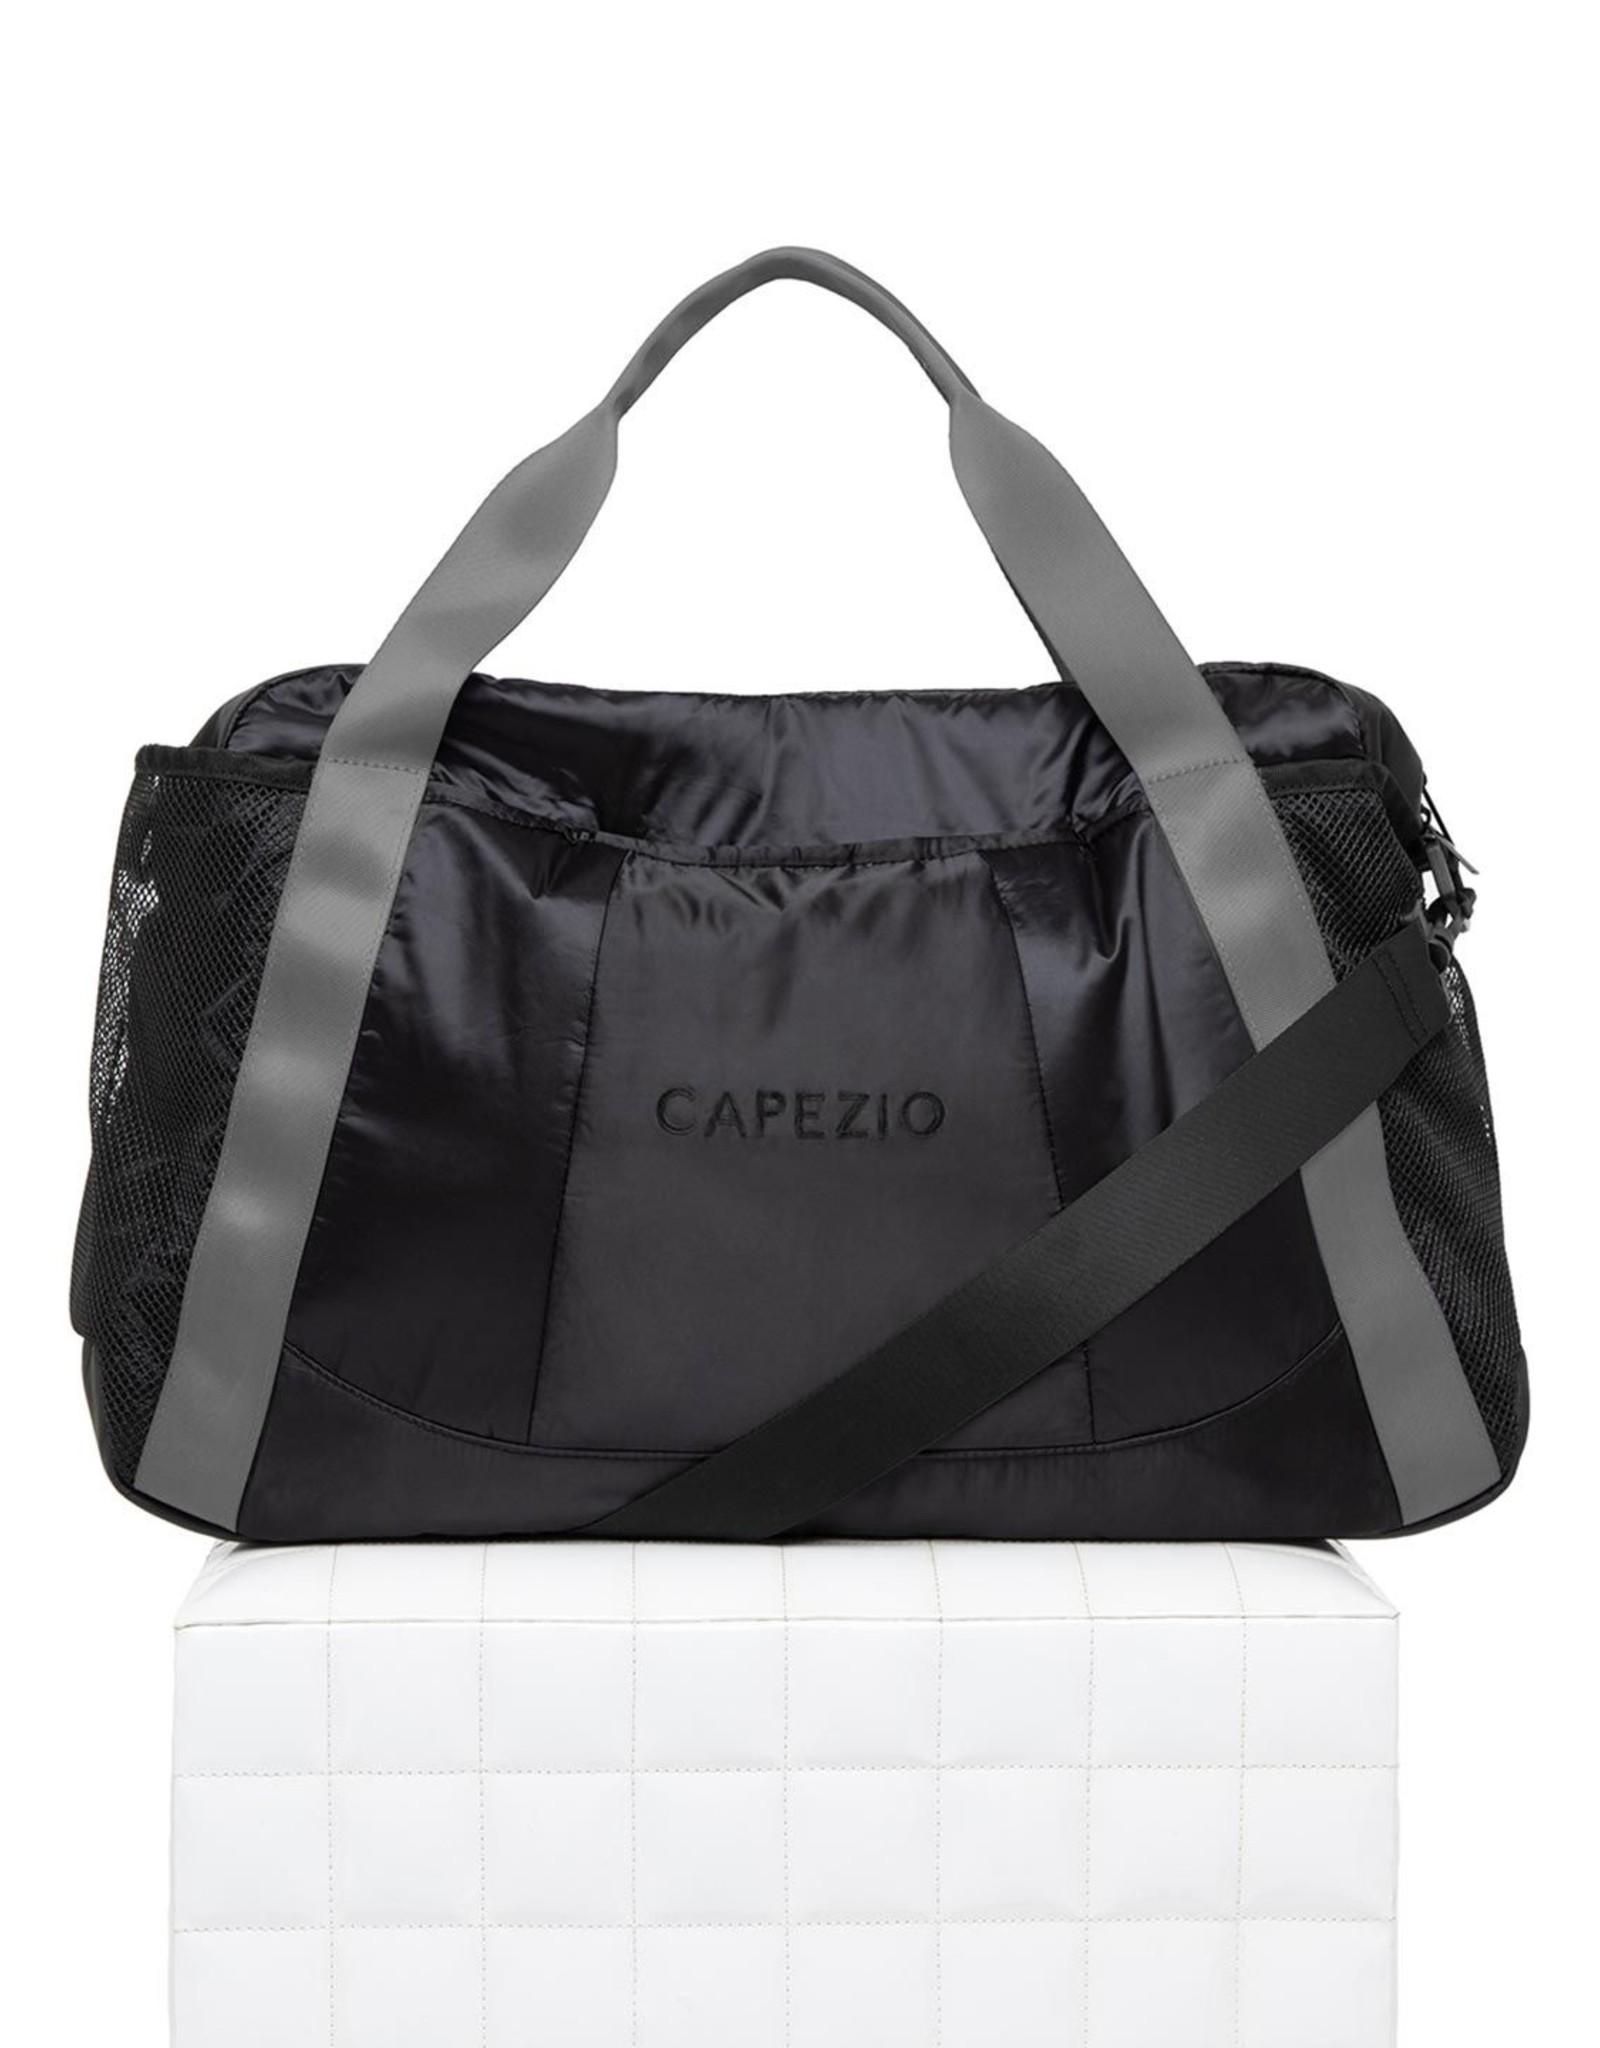 CAPEZIO MOTIVATIONAL DUFFLE BAG